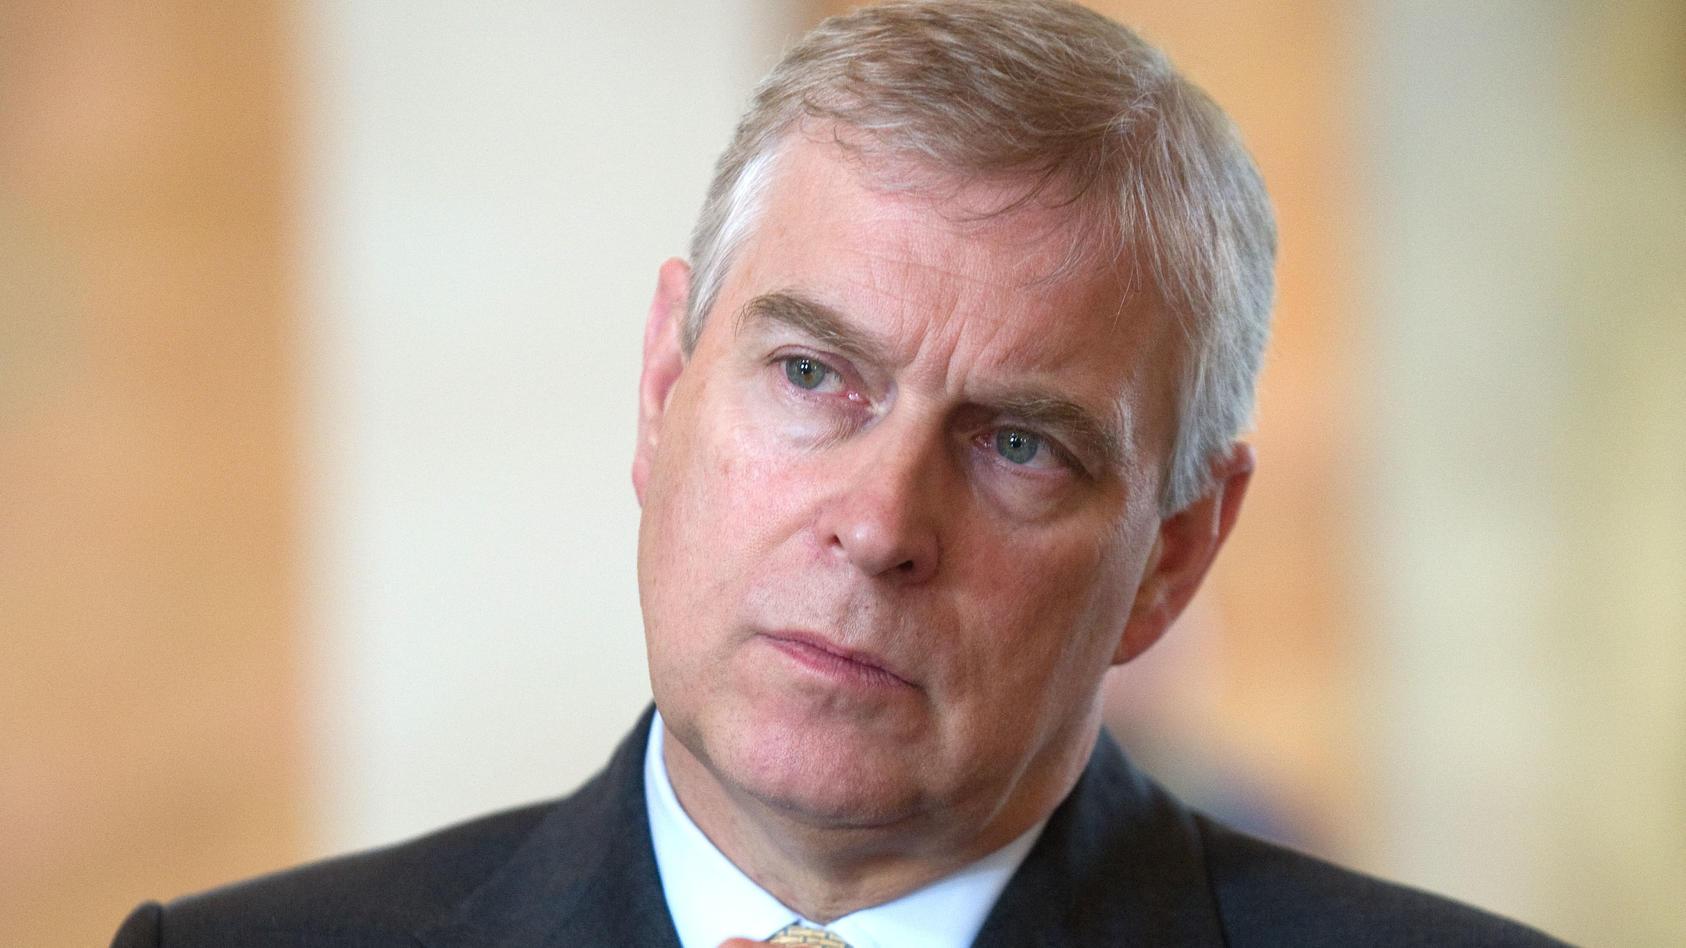 Was sagt Prinz Andrew zu seiner Verbindung zum verurteilten Sexualstraftäter Jeffrey Epstein?